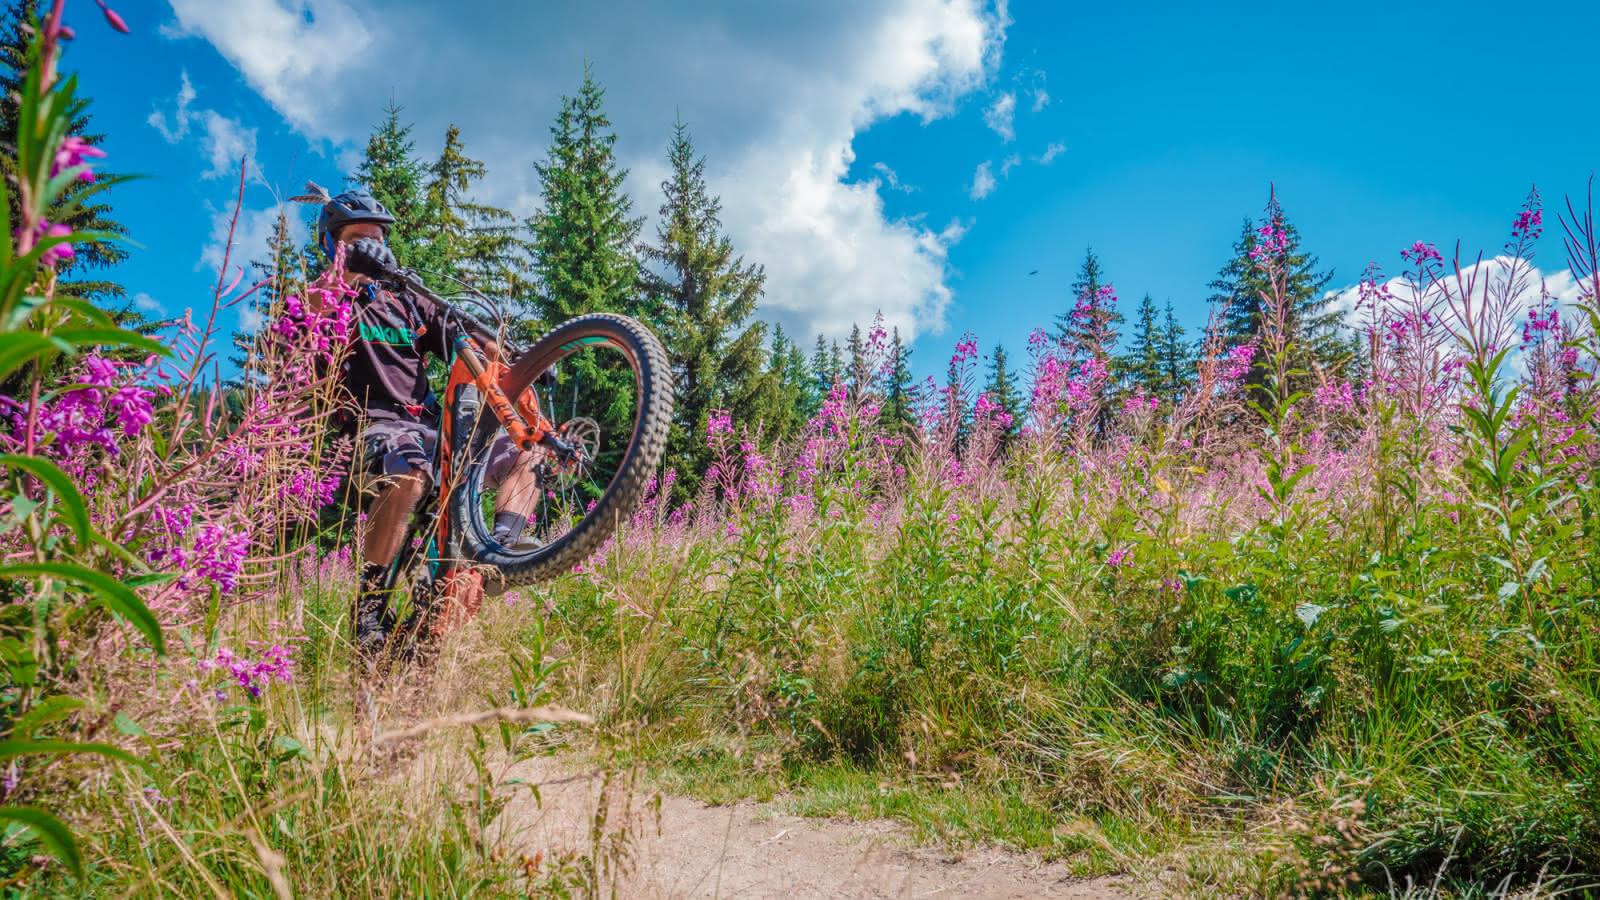 Val d'Arly E-Bike Tour - 19 et 20 septembre 2020 - Rando NOIRE non encadrée - Val d'Arly Expérience